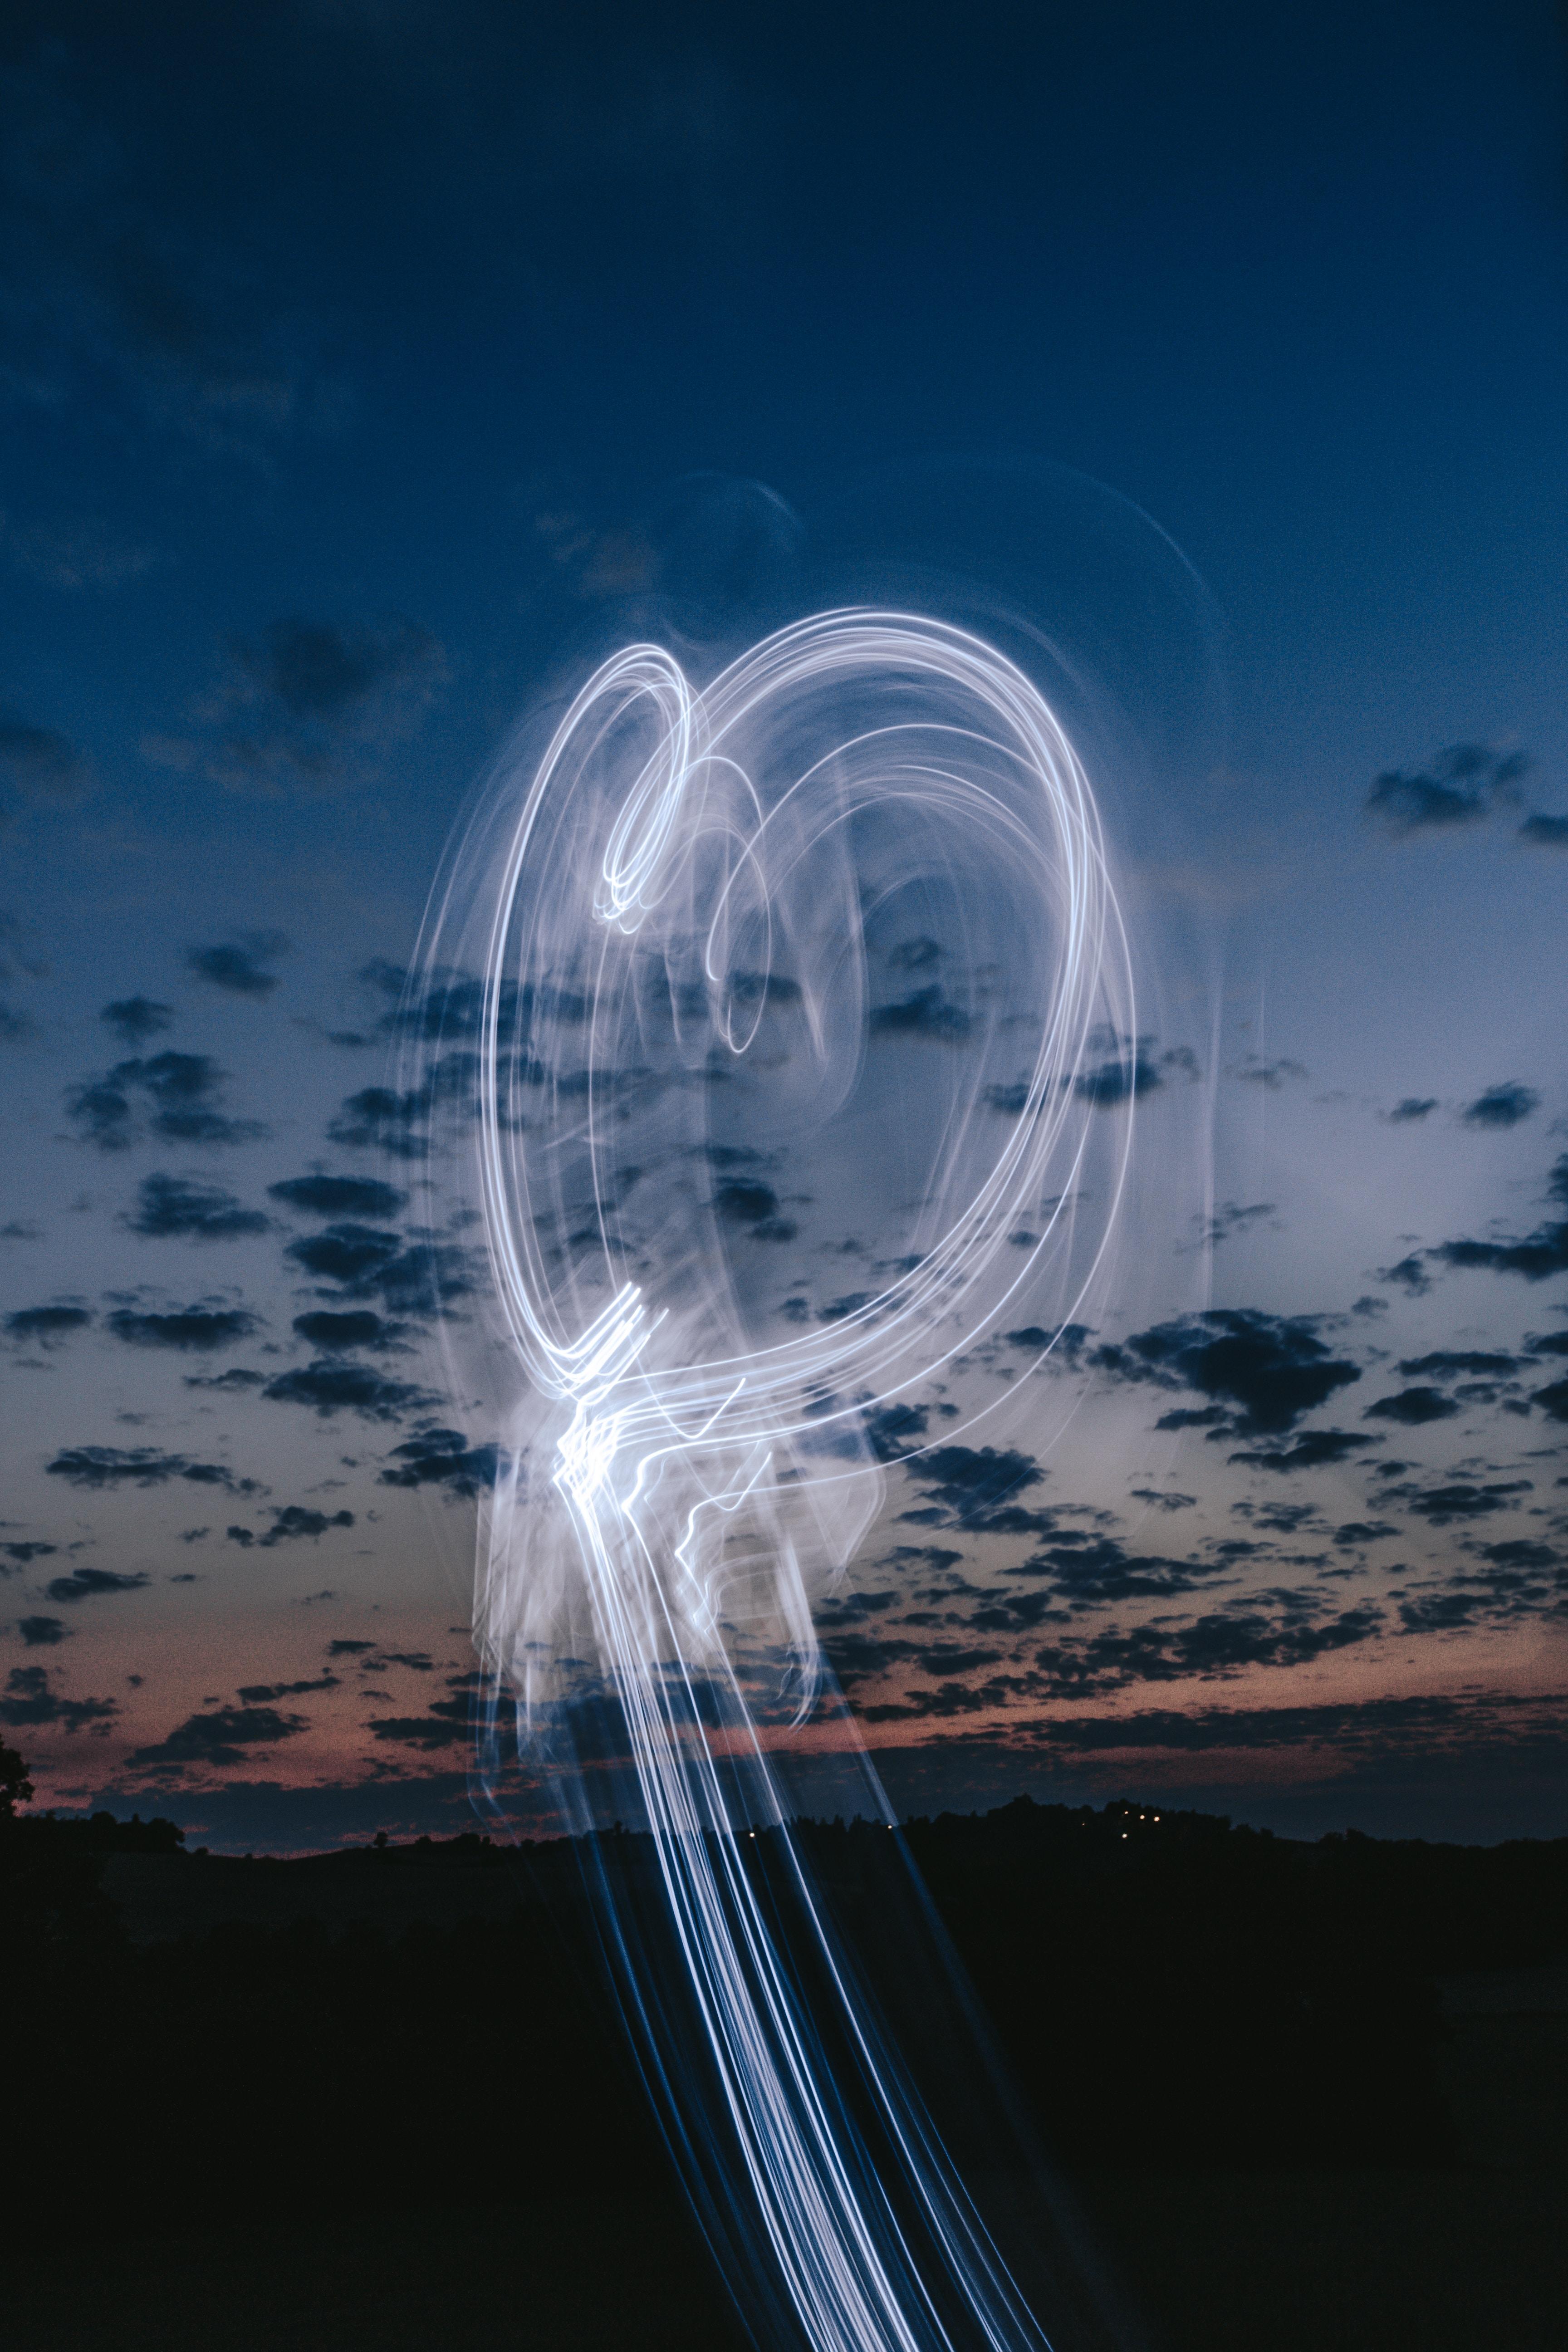 147635 économiseurs d'écran et fonds d'écran Amour sur votre téléphone. Téléchargez Amour, Nuit, Sombre, Briller, Lumière, Circulation, Mouvement, Longue Exposition, Cœur, Un Cœur images gratuitement